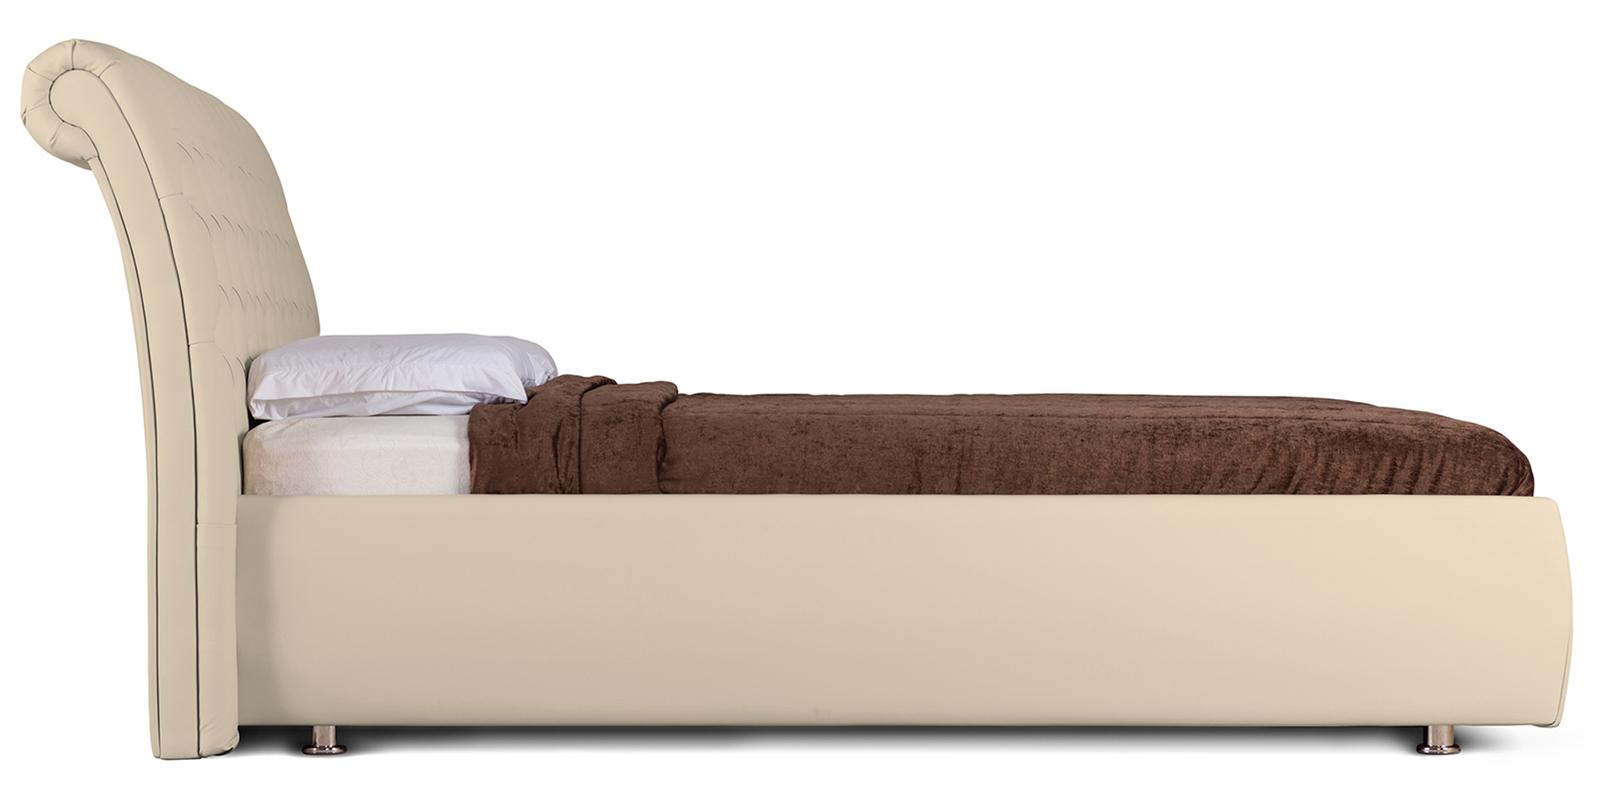 Мягкая кровать 200х160 Малибу вариант №6 с подъемным механизмом (Бежевый)